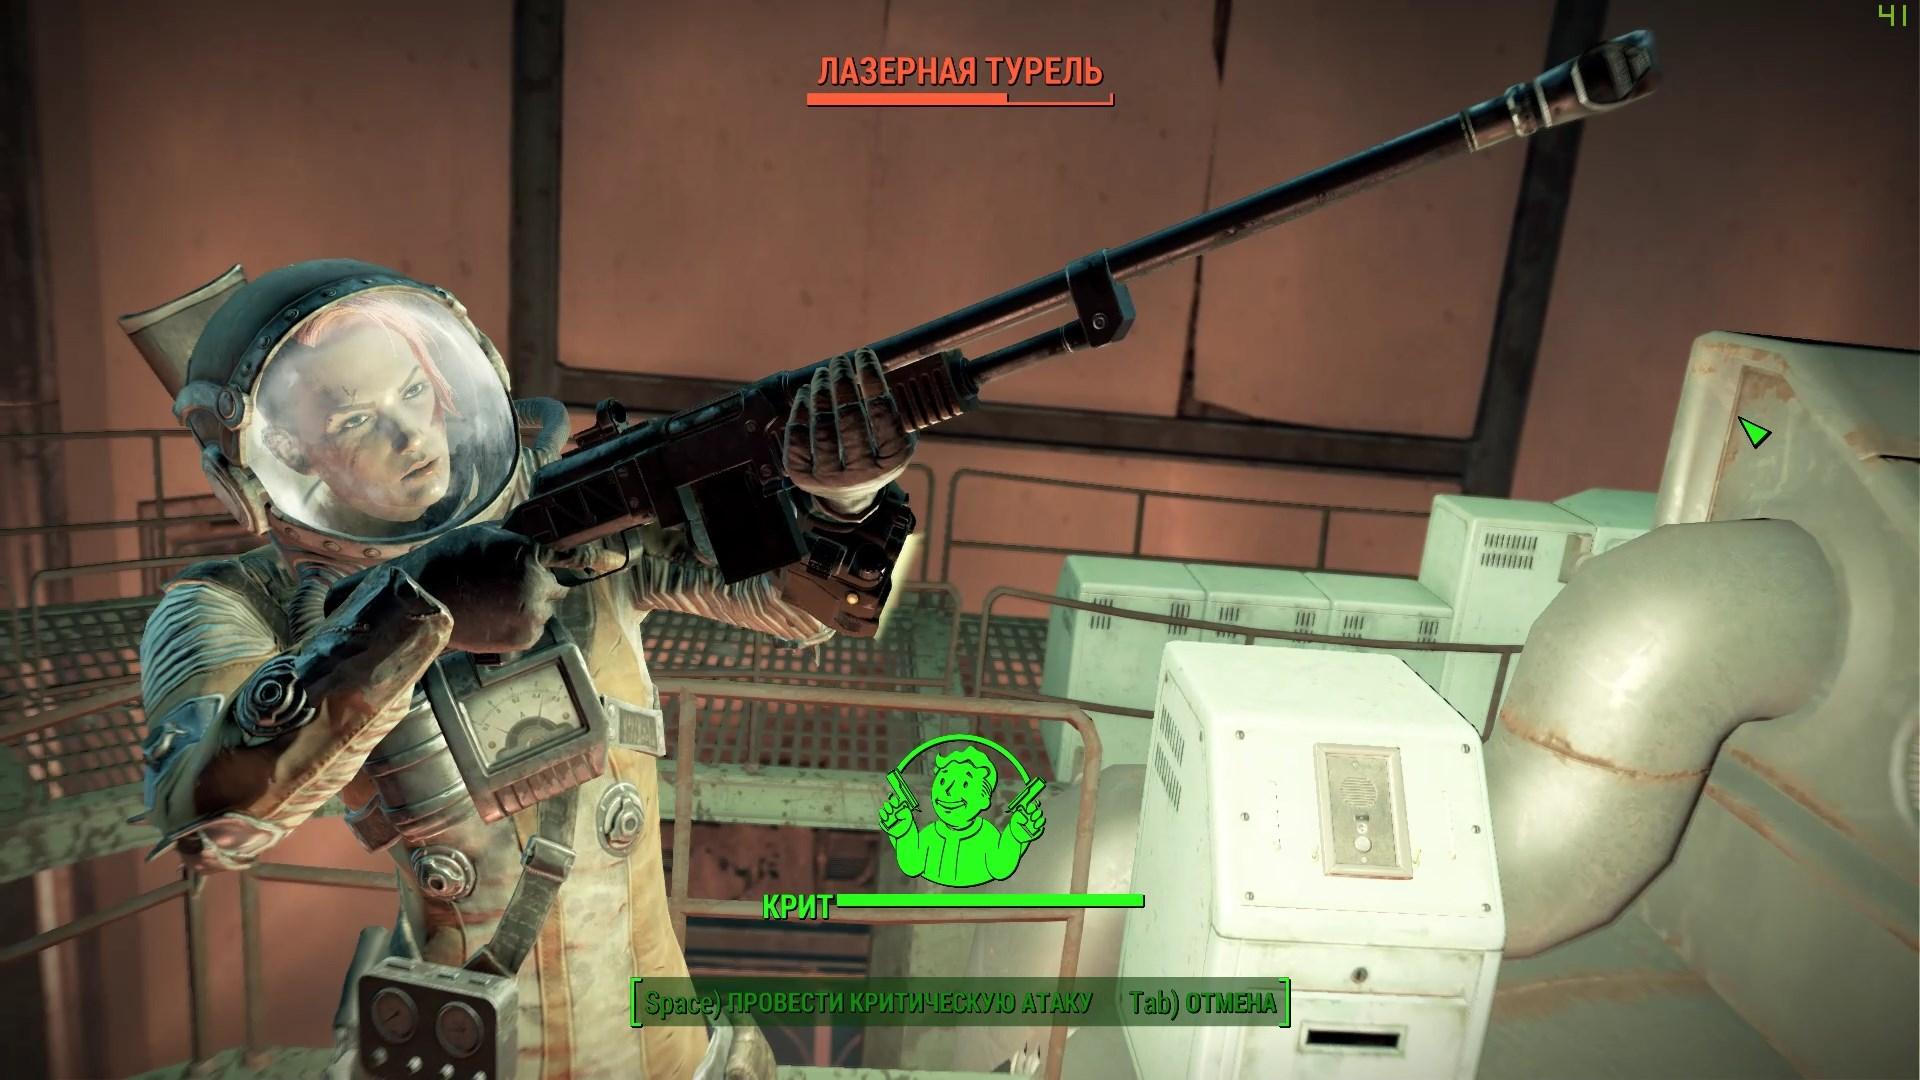 Fallout 4 11.06.2017 - 17.12.38.04.mp4_snapshot_00.17_[2017.11.08_02.24.01].jpg - Fallout 4